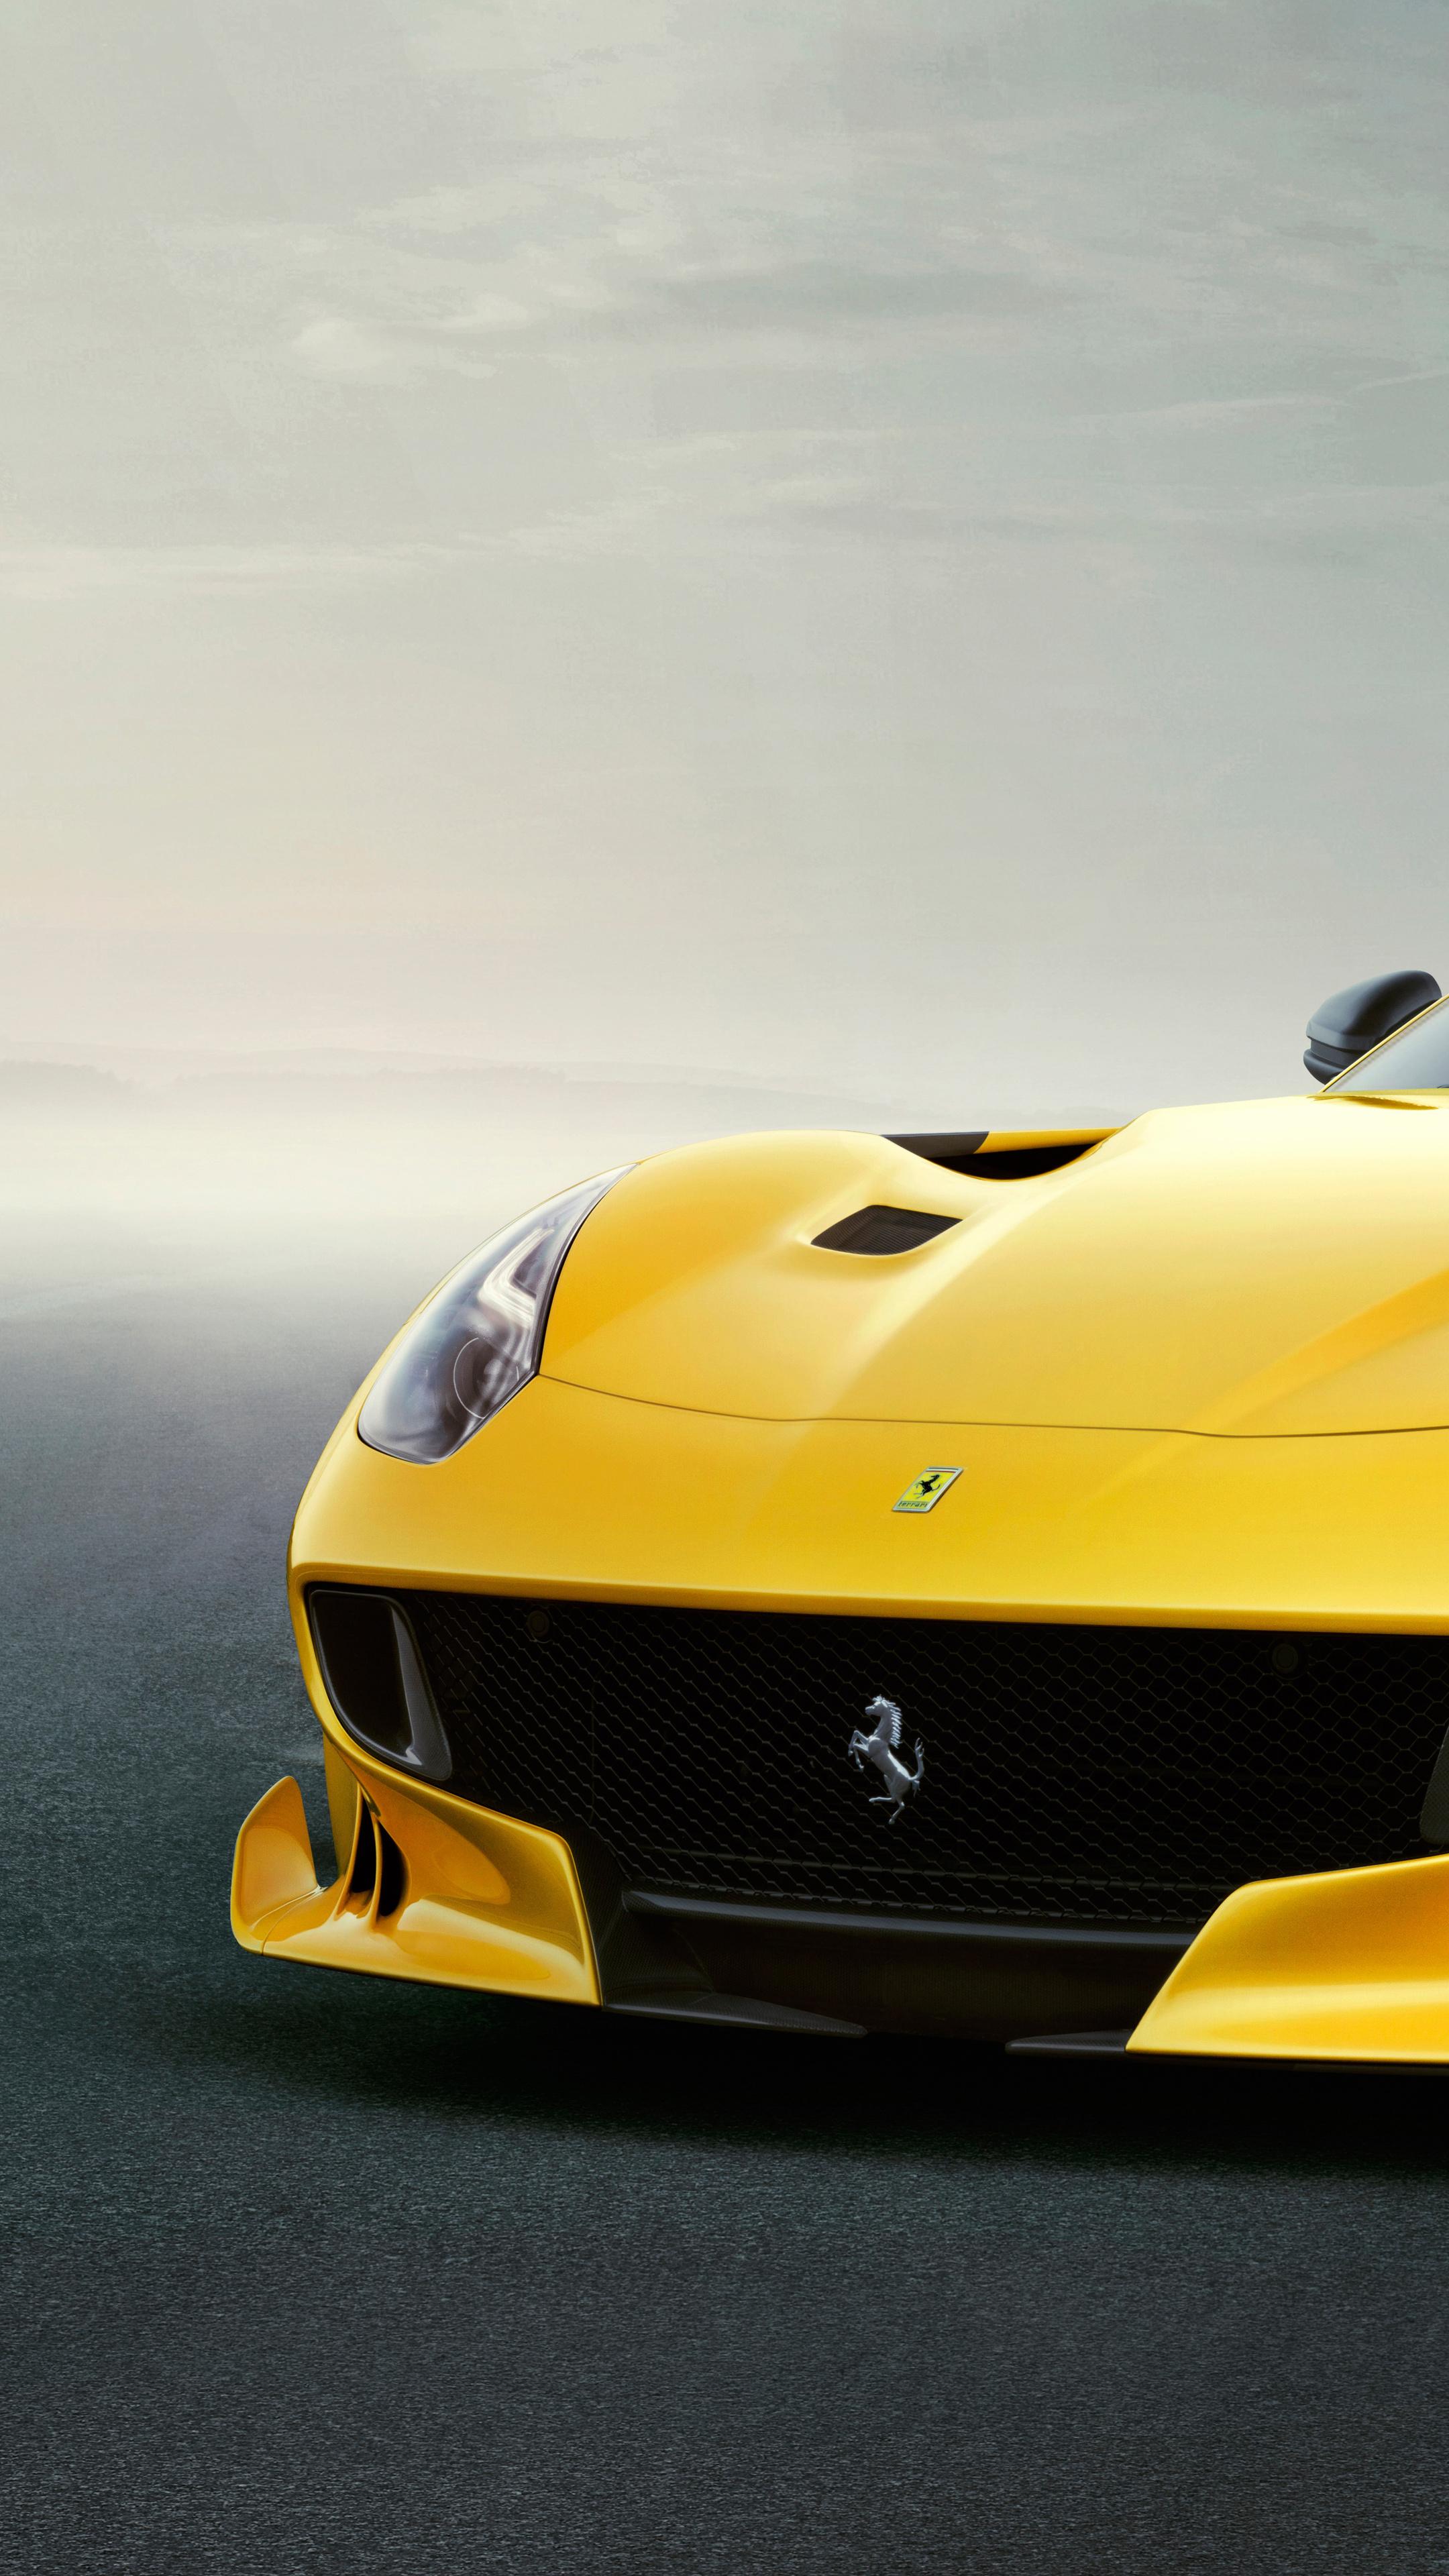 2160x3840 Ferrari F12tdf 8k Sony Xperia X,XZ,Z5 Premium HD ...